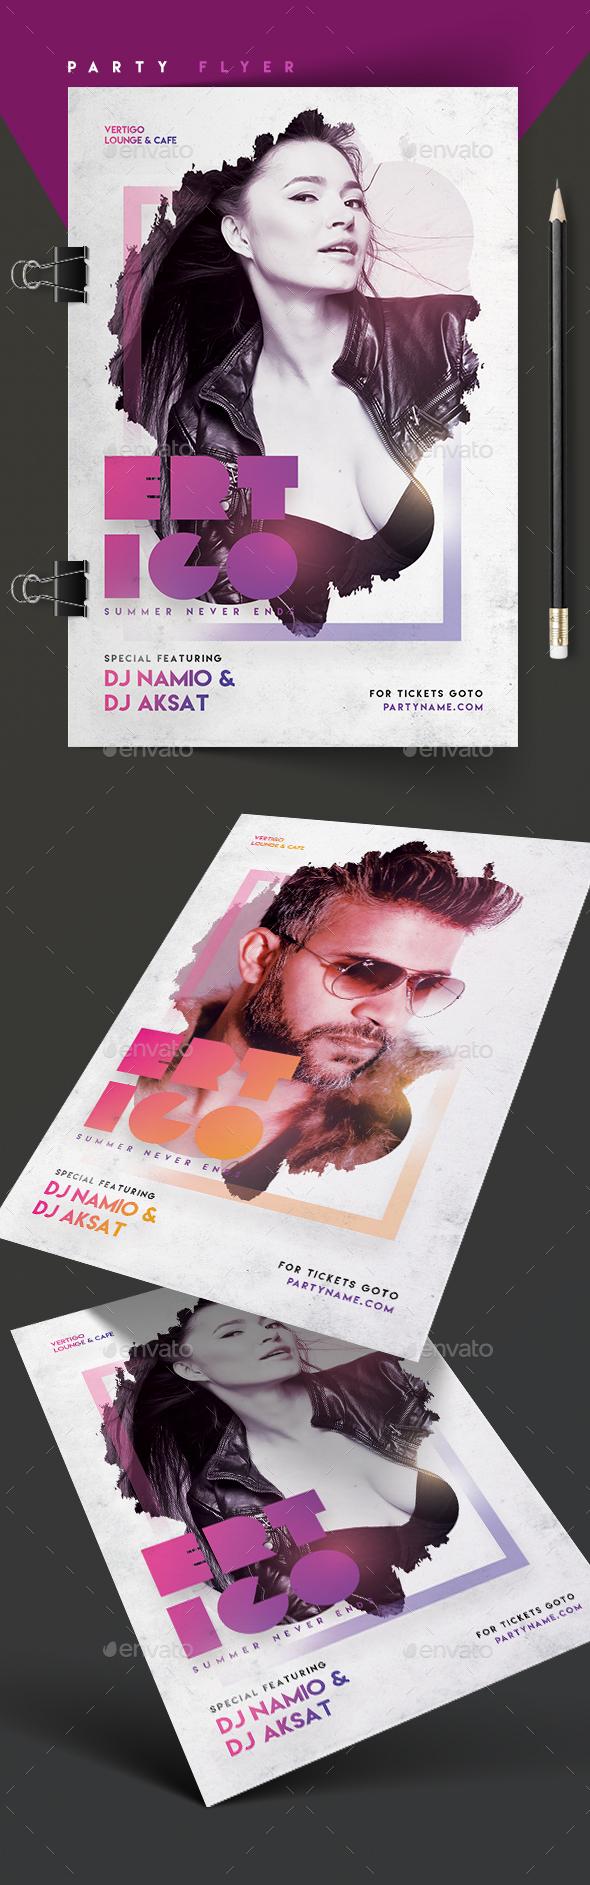 Ertigo Party Flyer - Clubs & Parties Events